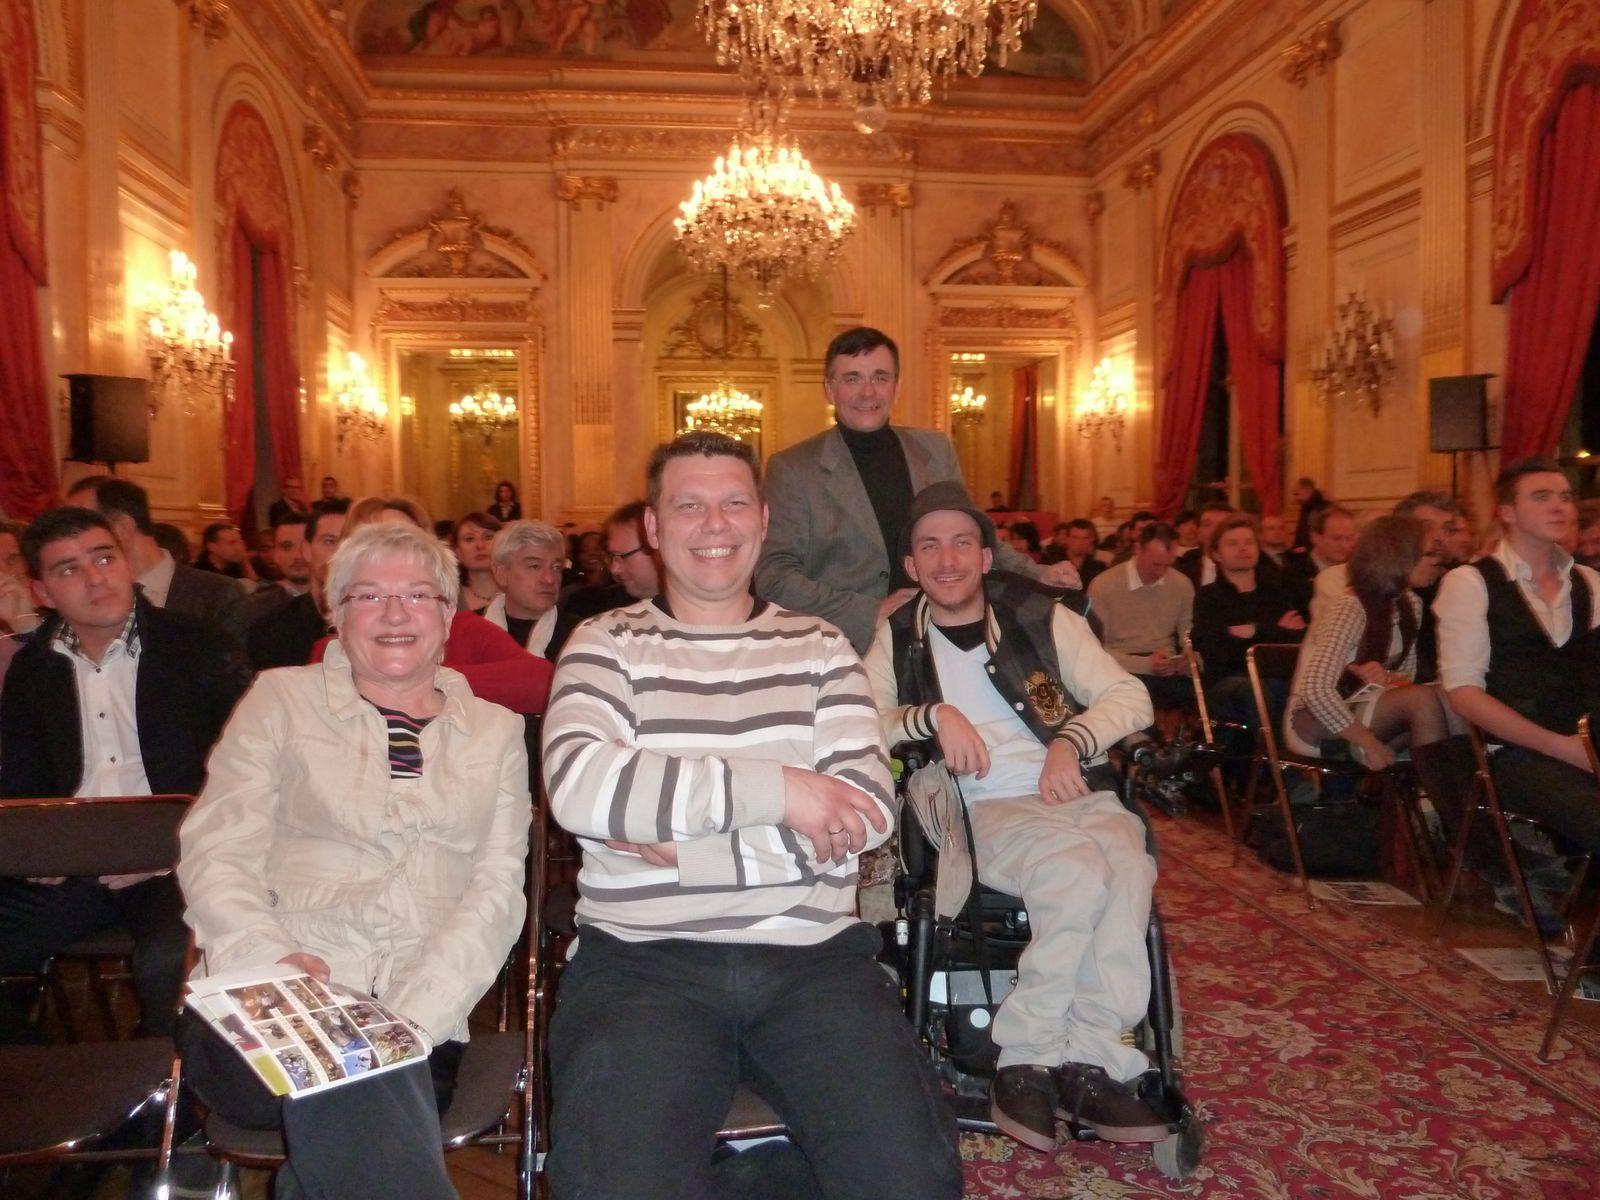 Daniele, Patrick, Roland, Johnny sous les lustres de l'Assemblée Nationale